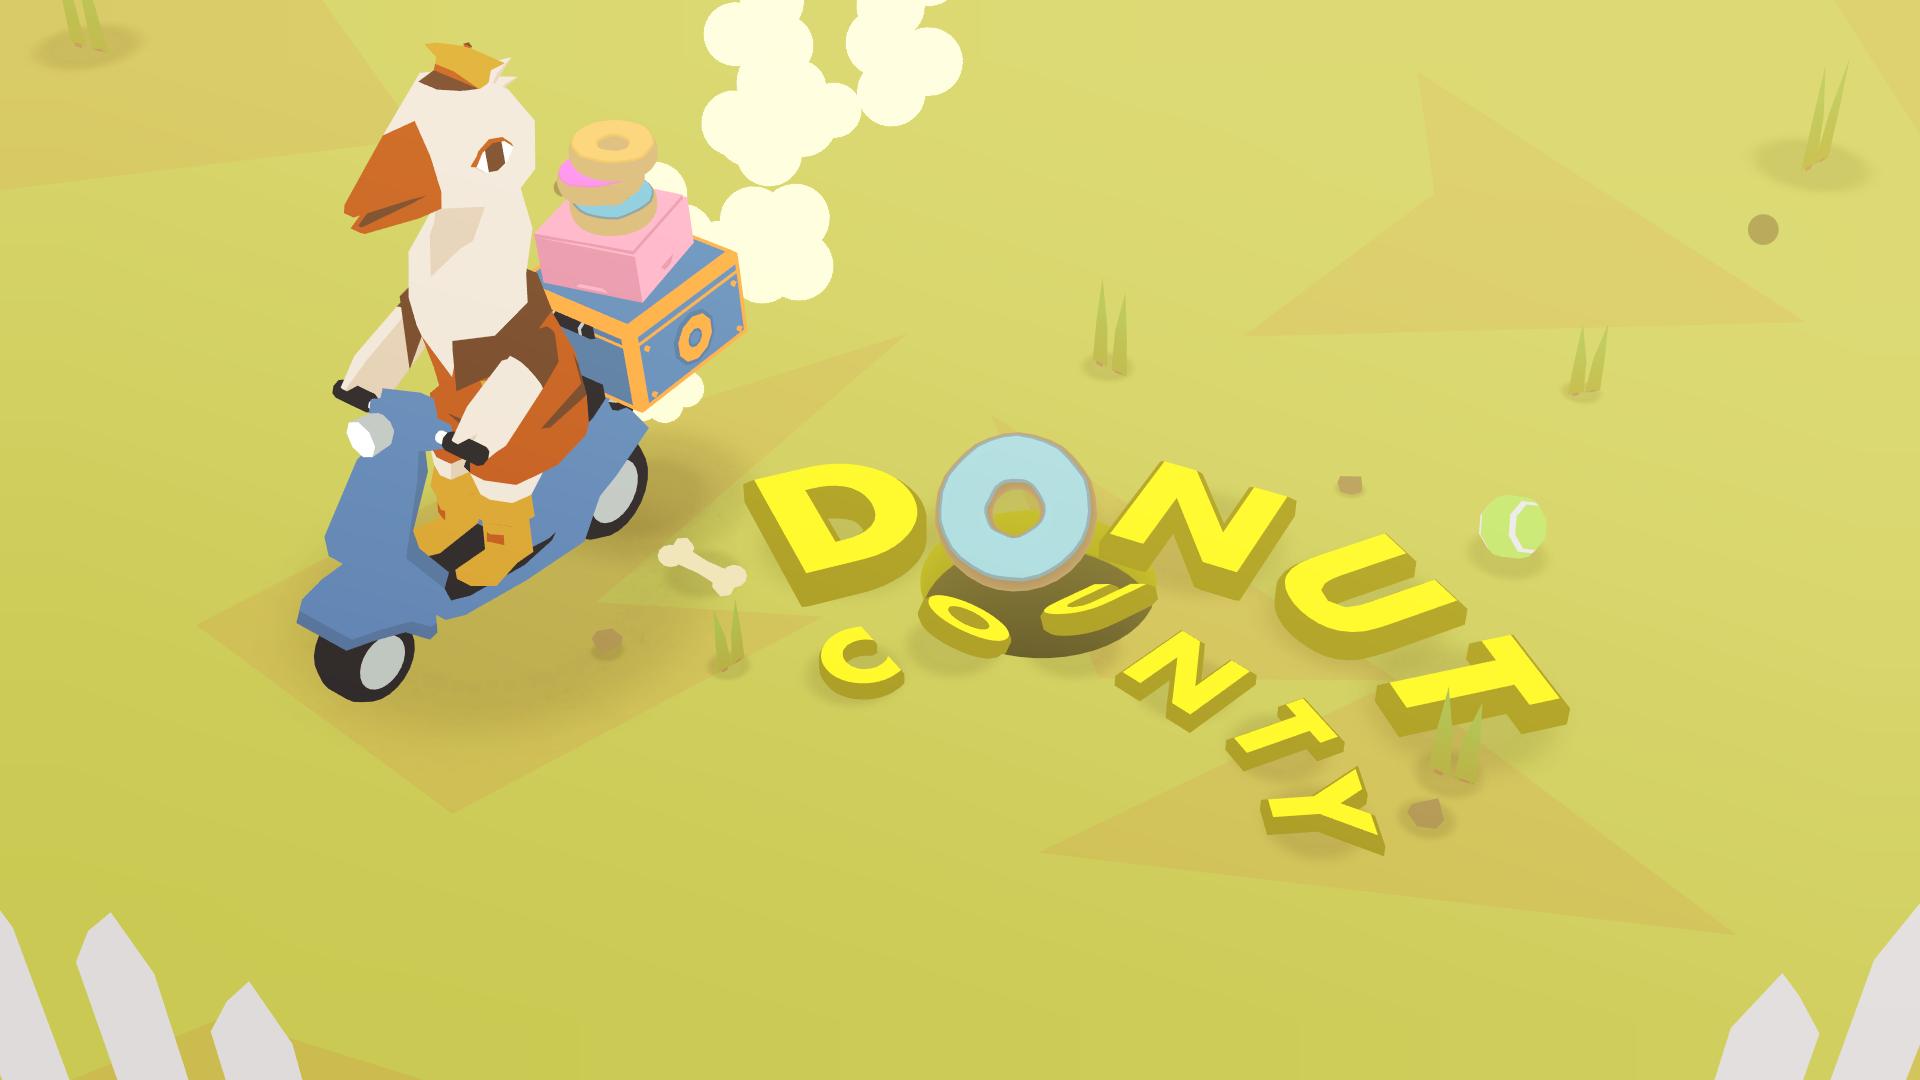 黑洞吞吞吞 《甜甜圈都市》12月登陆Xbox与NS